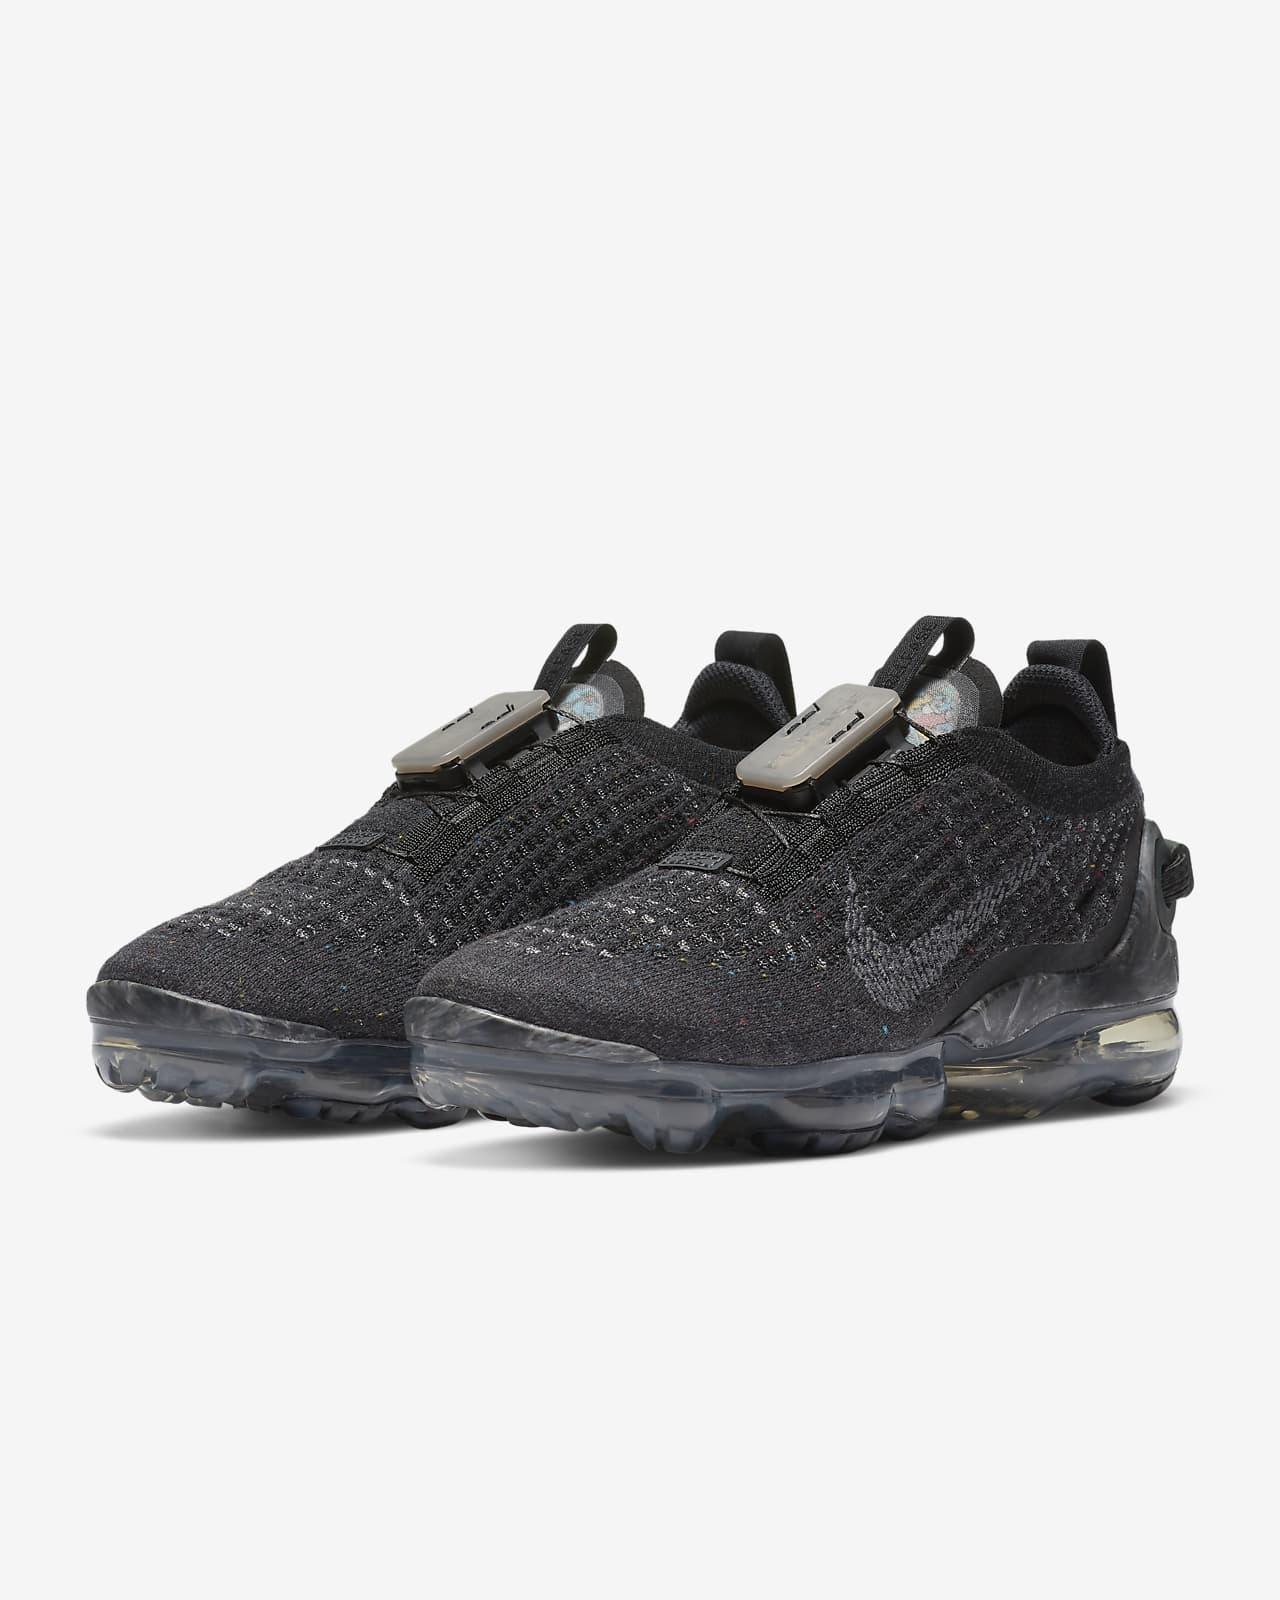 Jual Nike Vapormax Triple Black Murah Harga Terbaru 2020